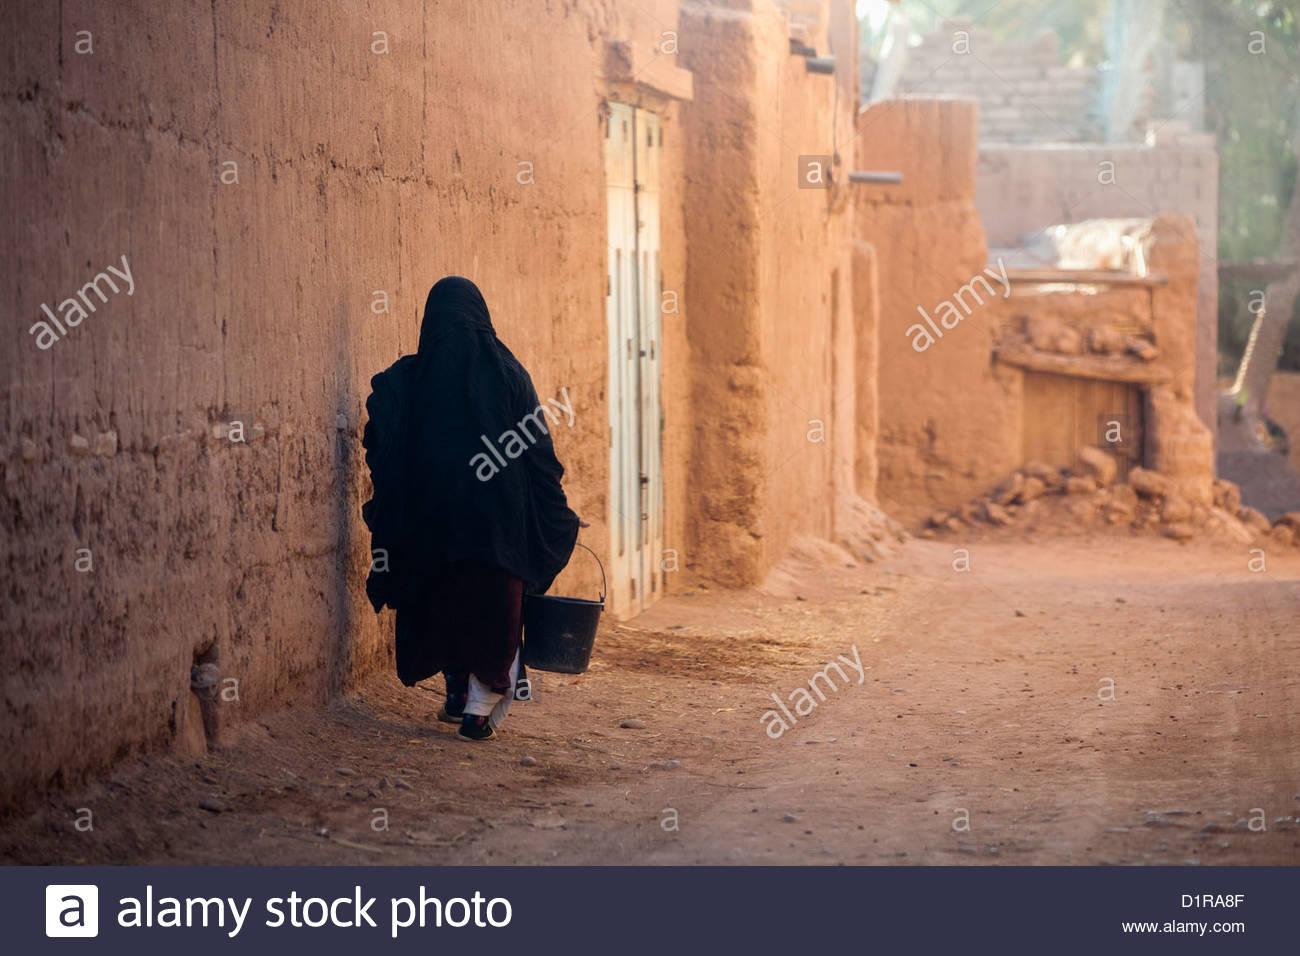 Marruecos, cerca de Agdz, mujer en la calle. Imagen De Stock